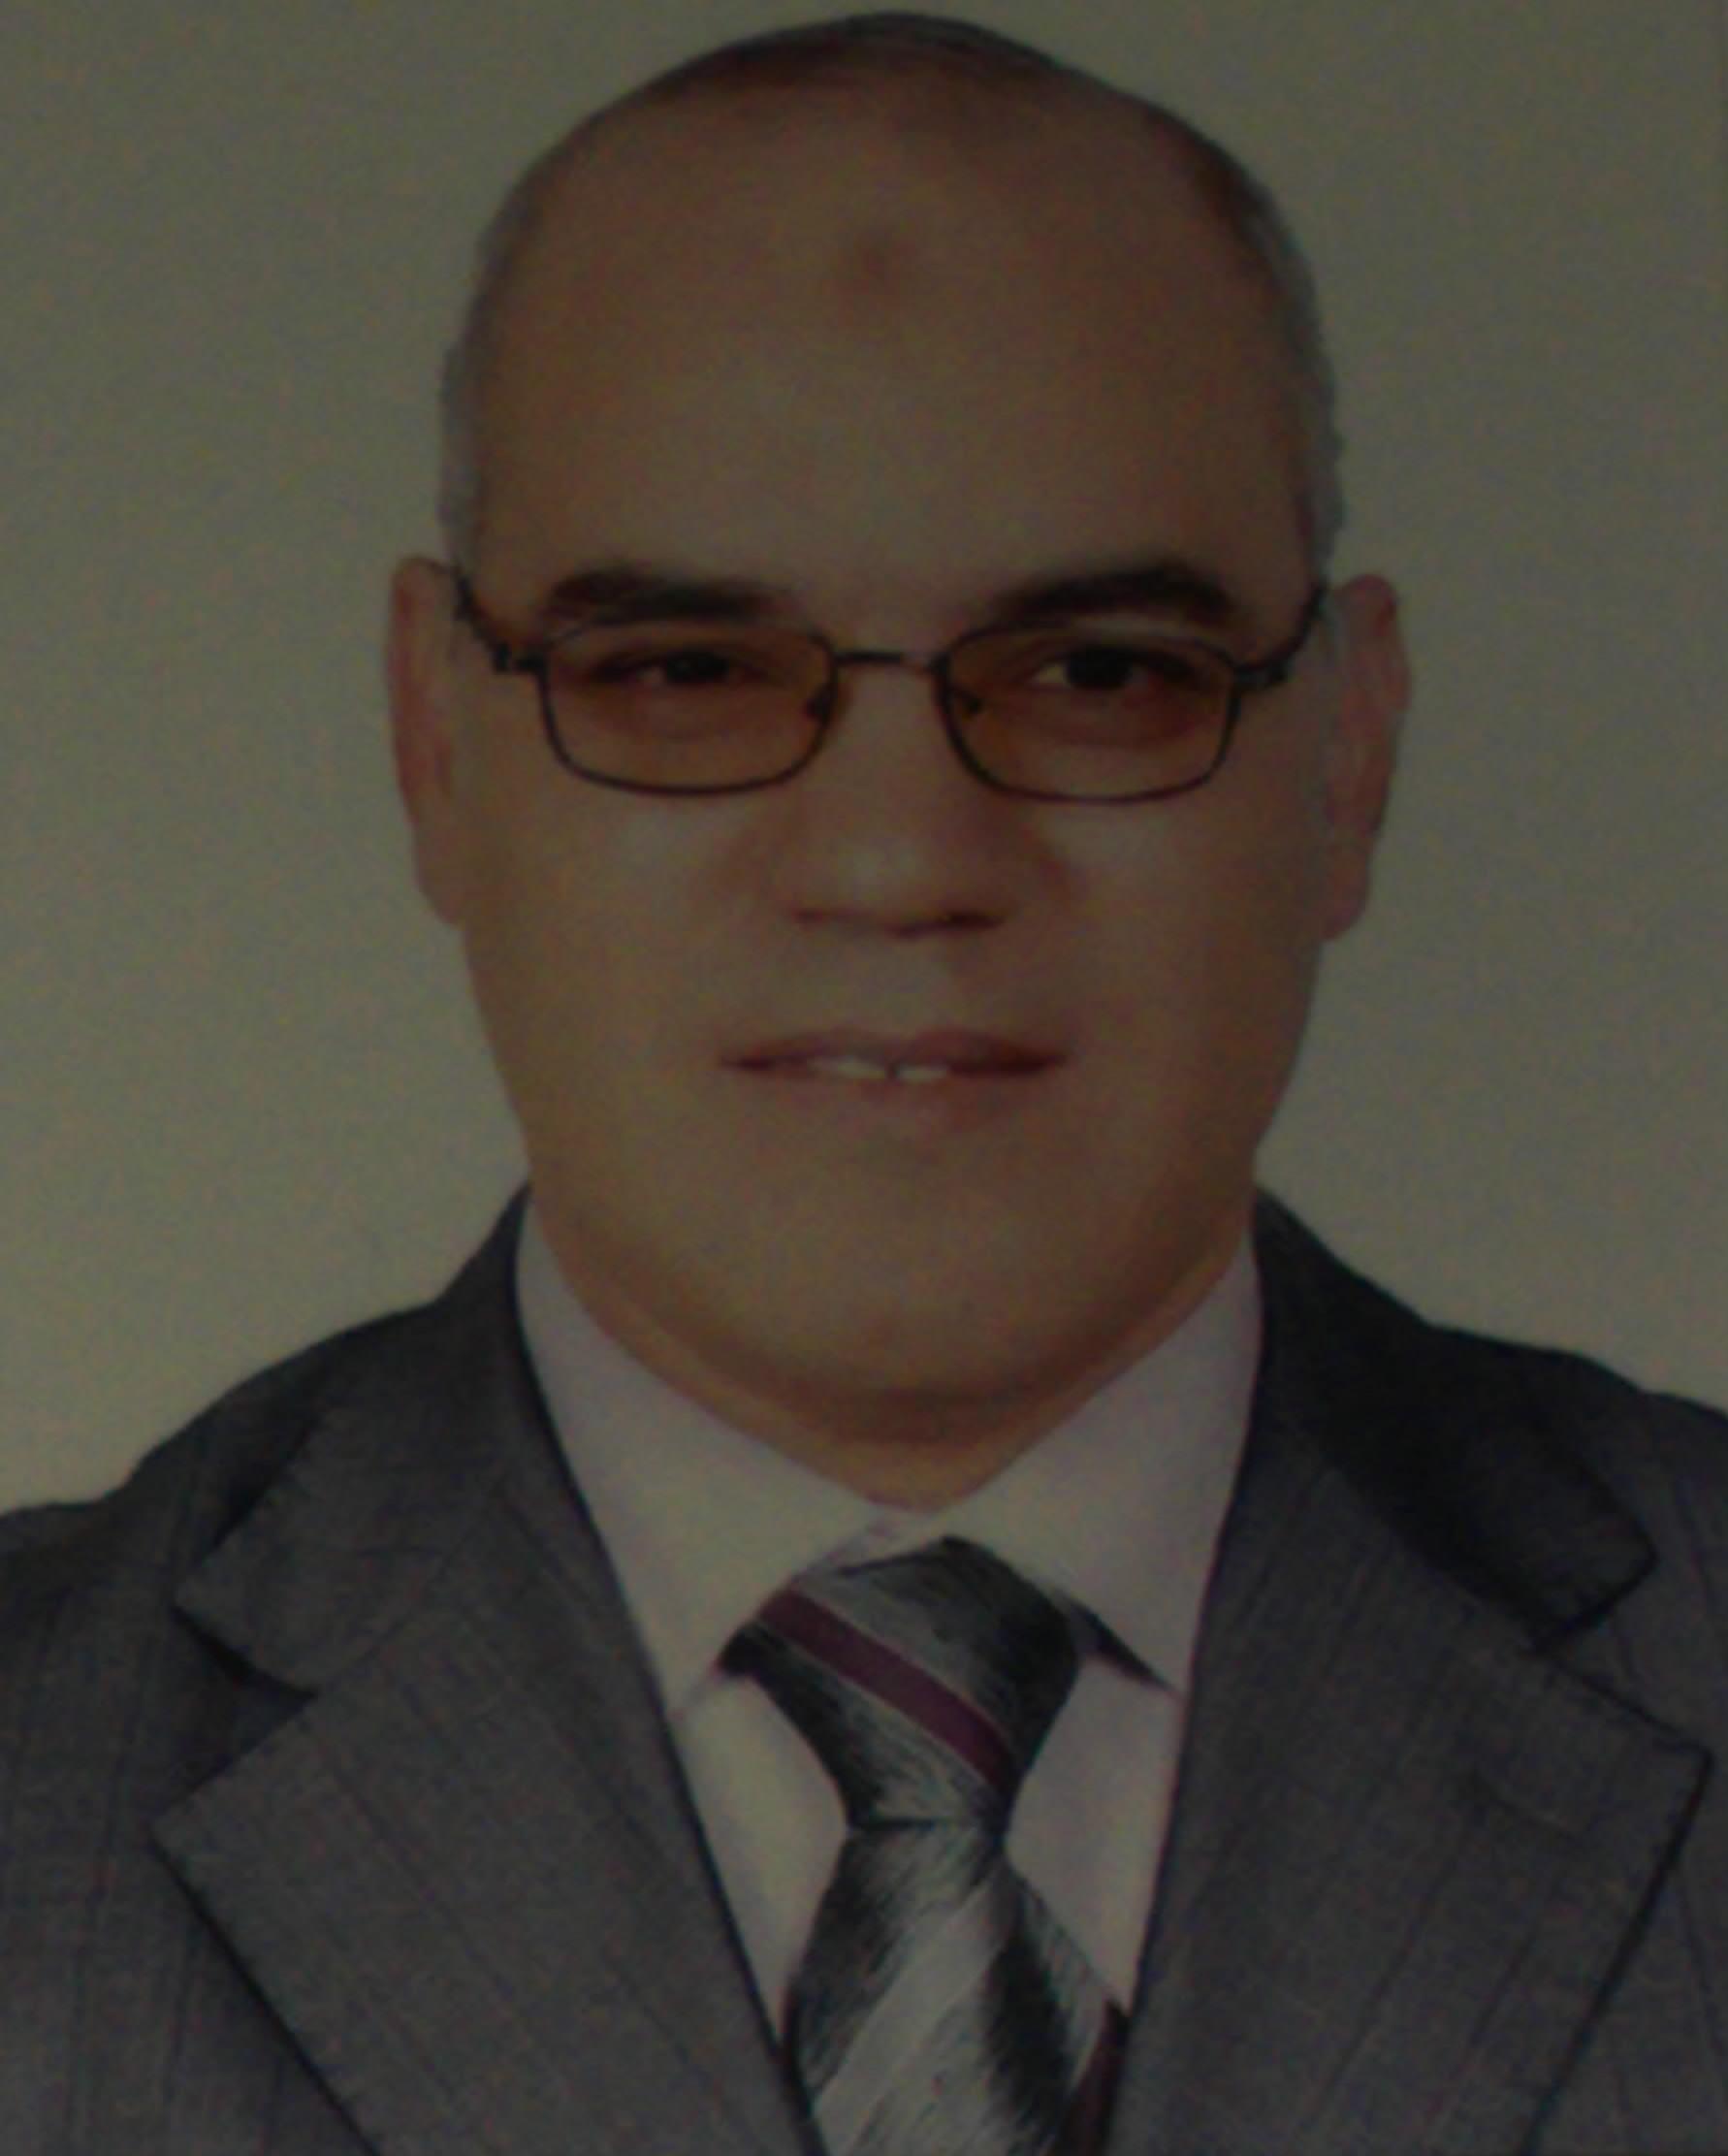 Saad Zaky